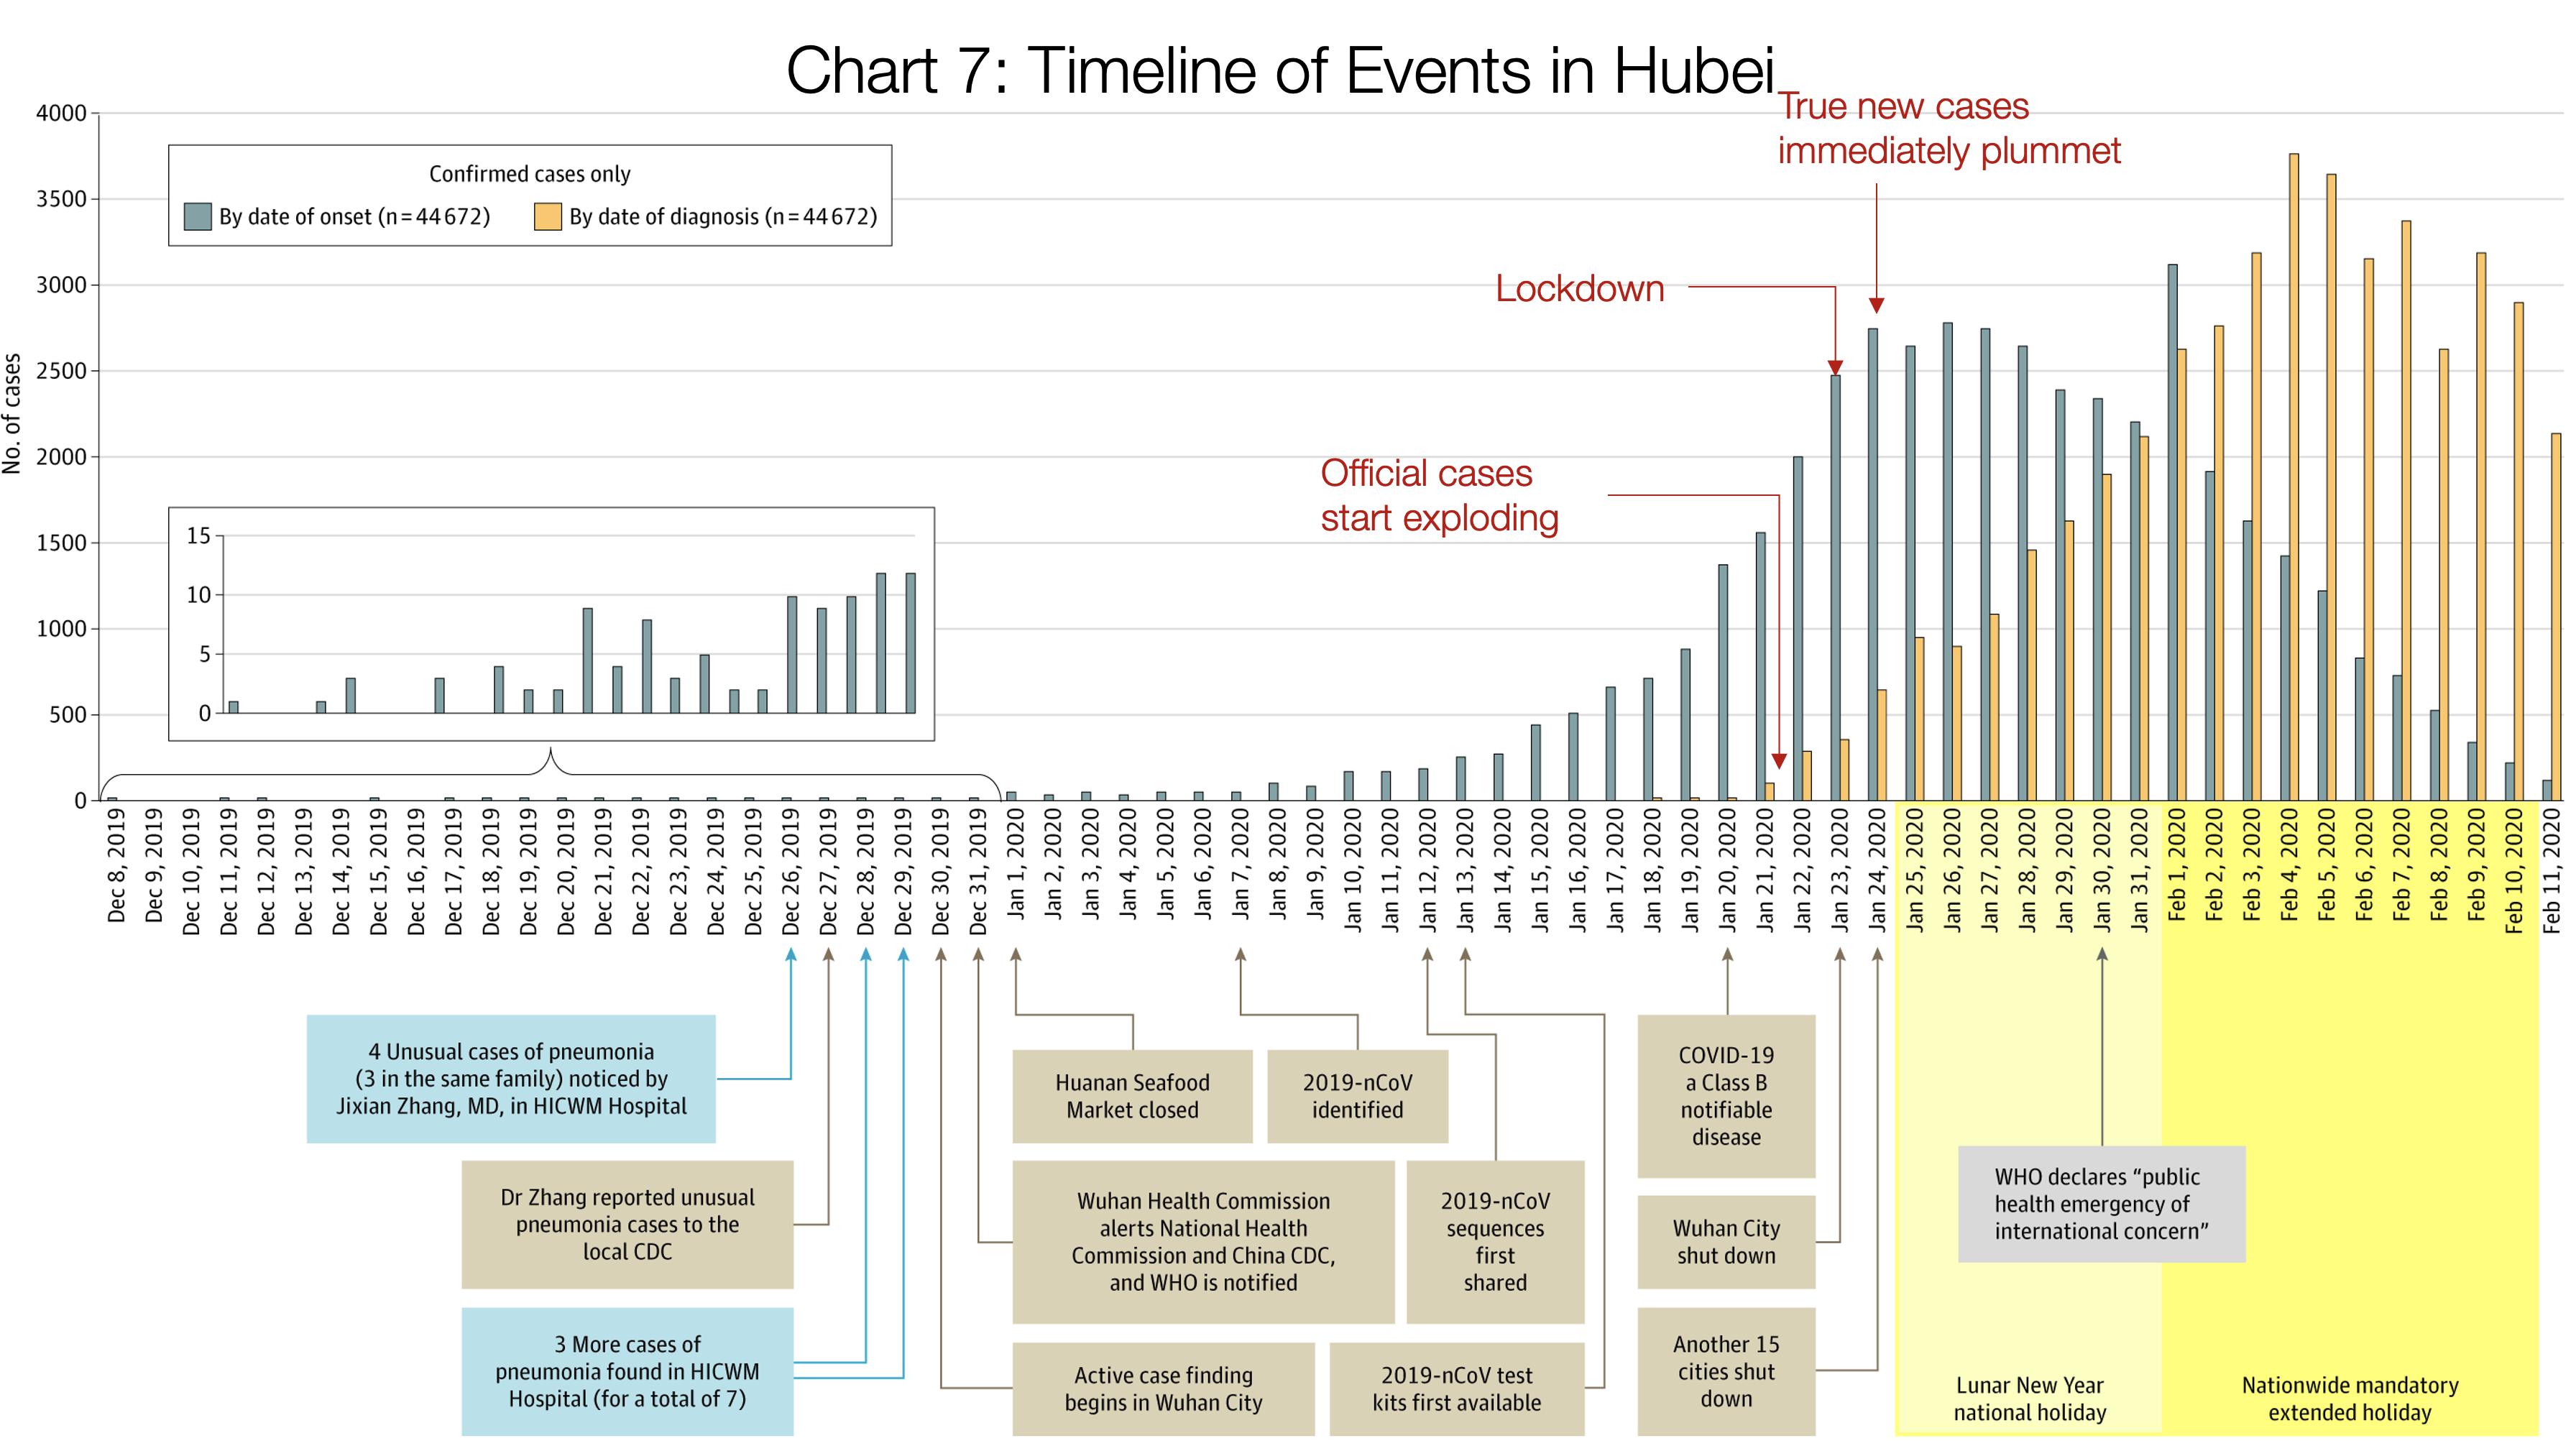 جدول زمانی رخدادهای هوبی: سه فلش قرمز از چپ به راست به ترتیب ۱- موارد مبتلا شروع به رشد نمایی کردند ۲- قرنطینه صورت گرفت ۳- تعداد موارد واقعی شروع به کاهش کرد